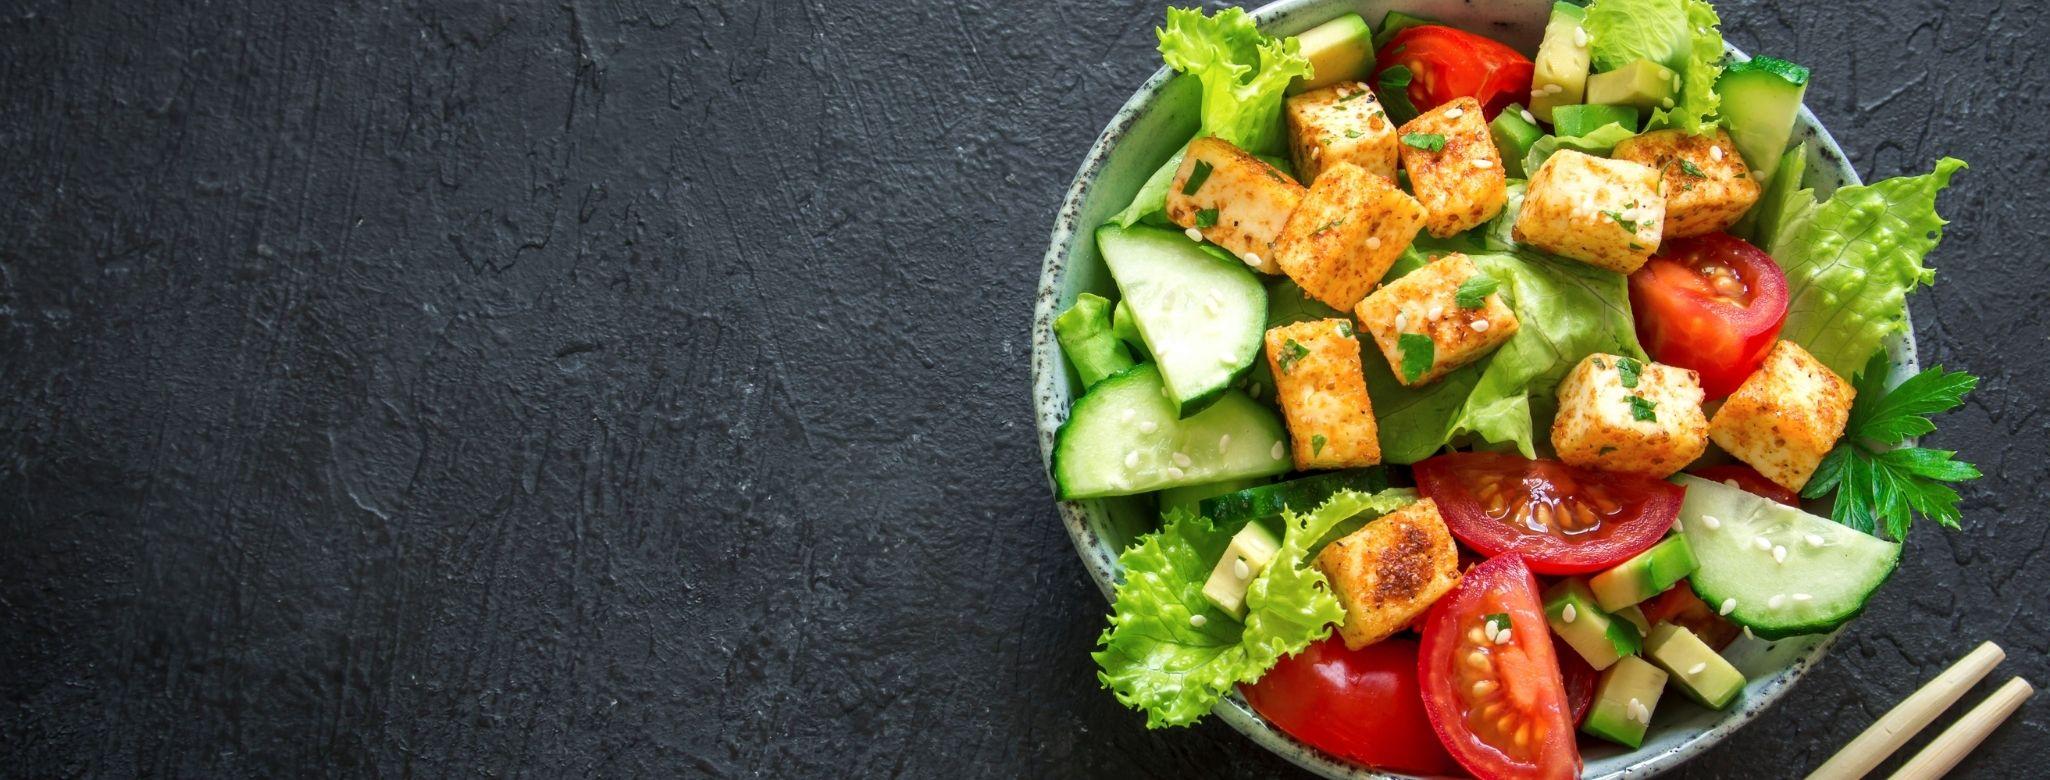 Image de salade